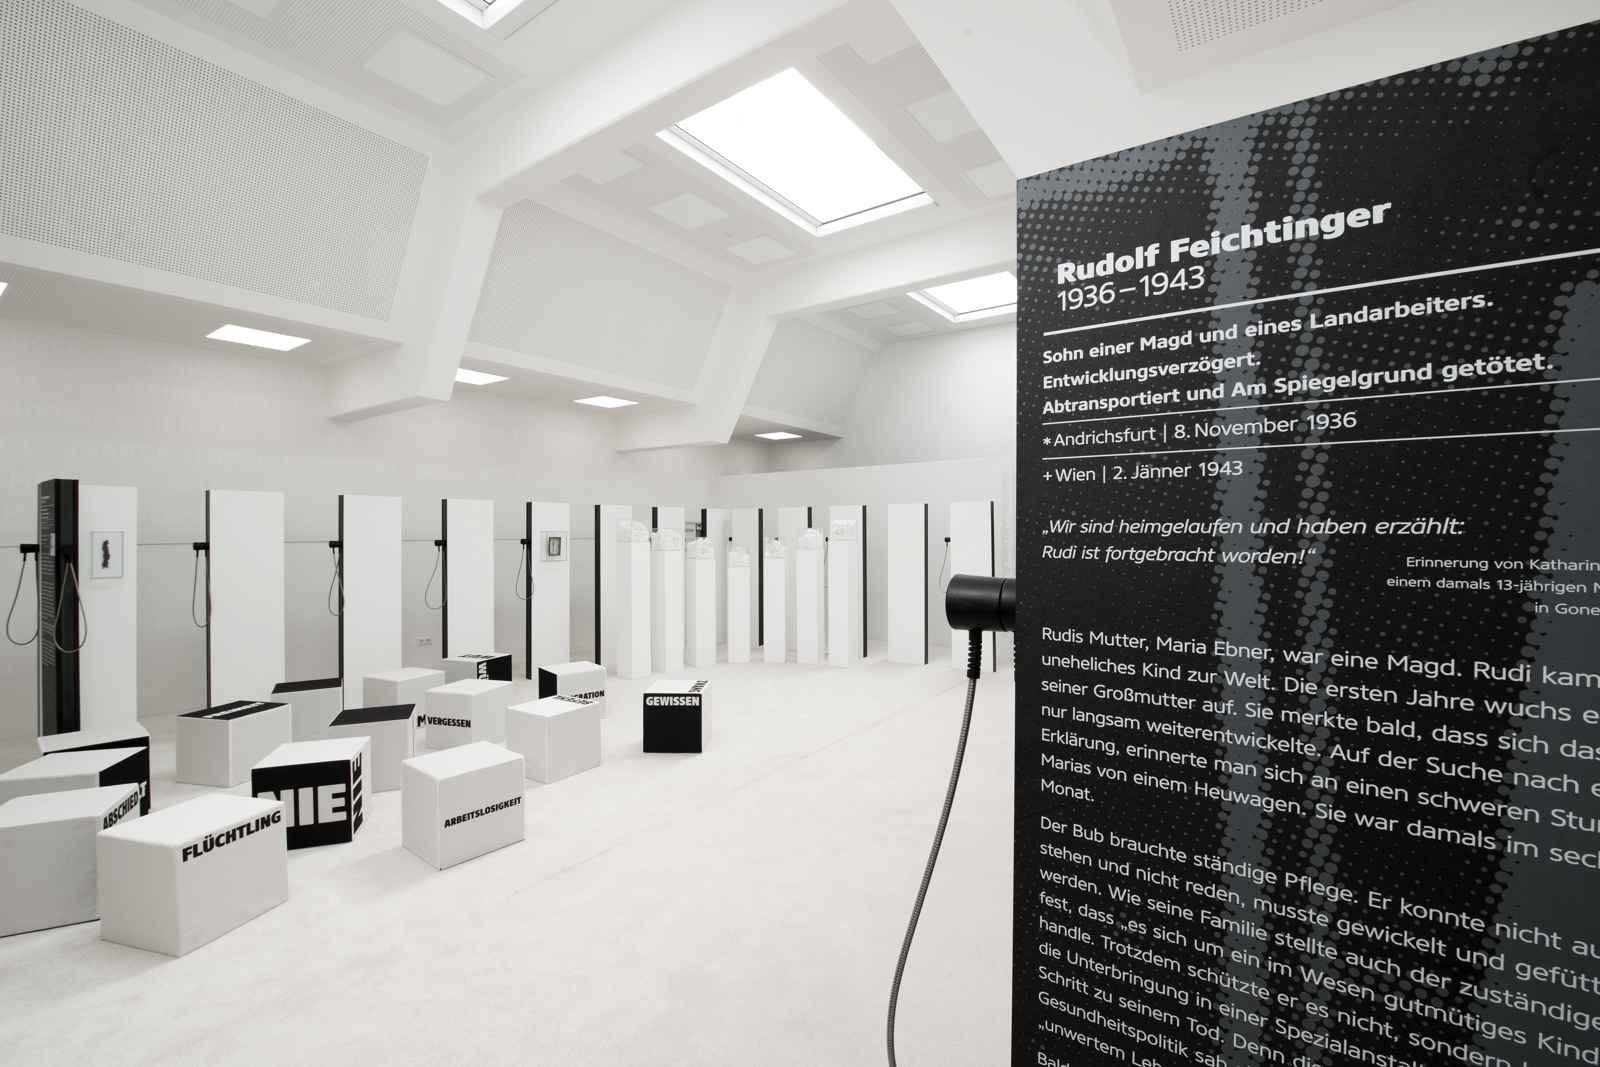 white cube mit einer Biografiestele von Rudi Feichtinger rechts im Vordergrund